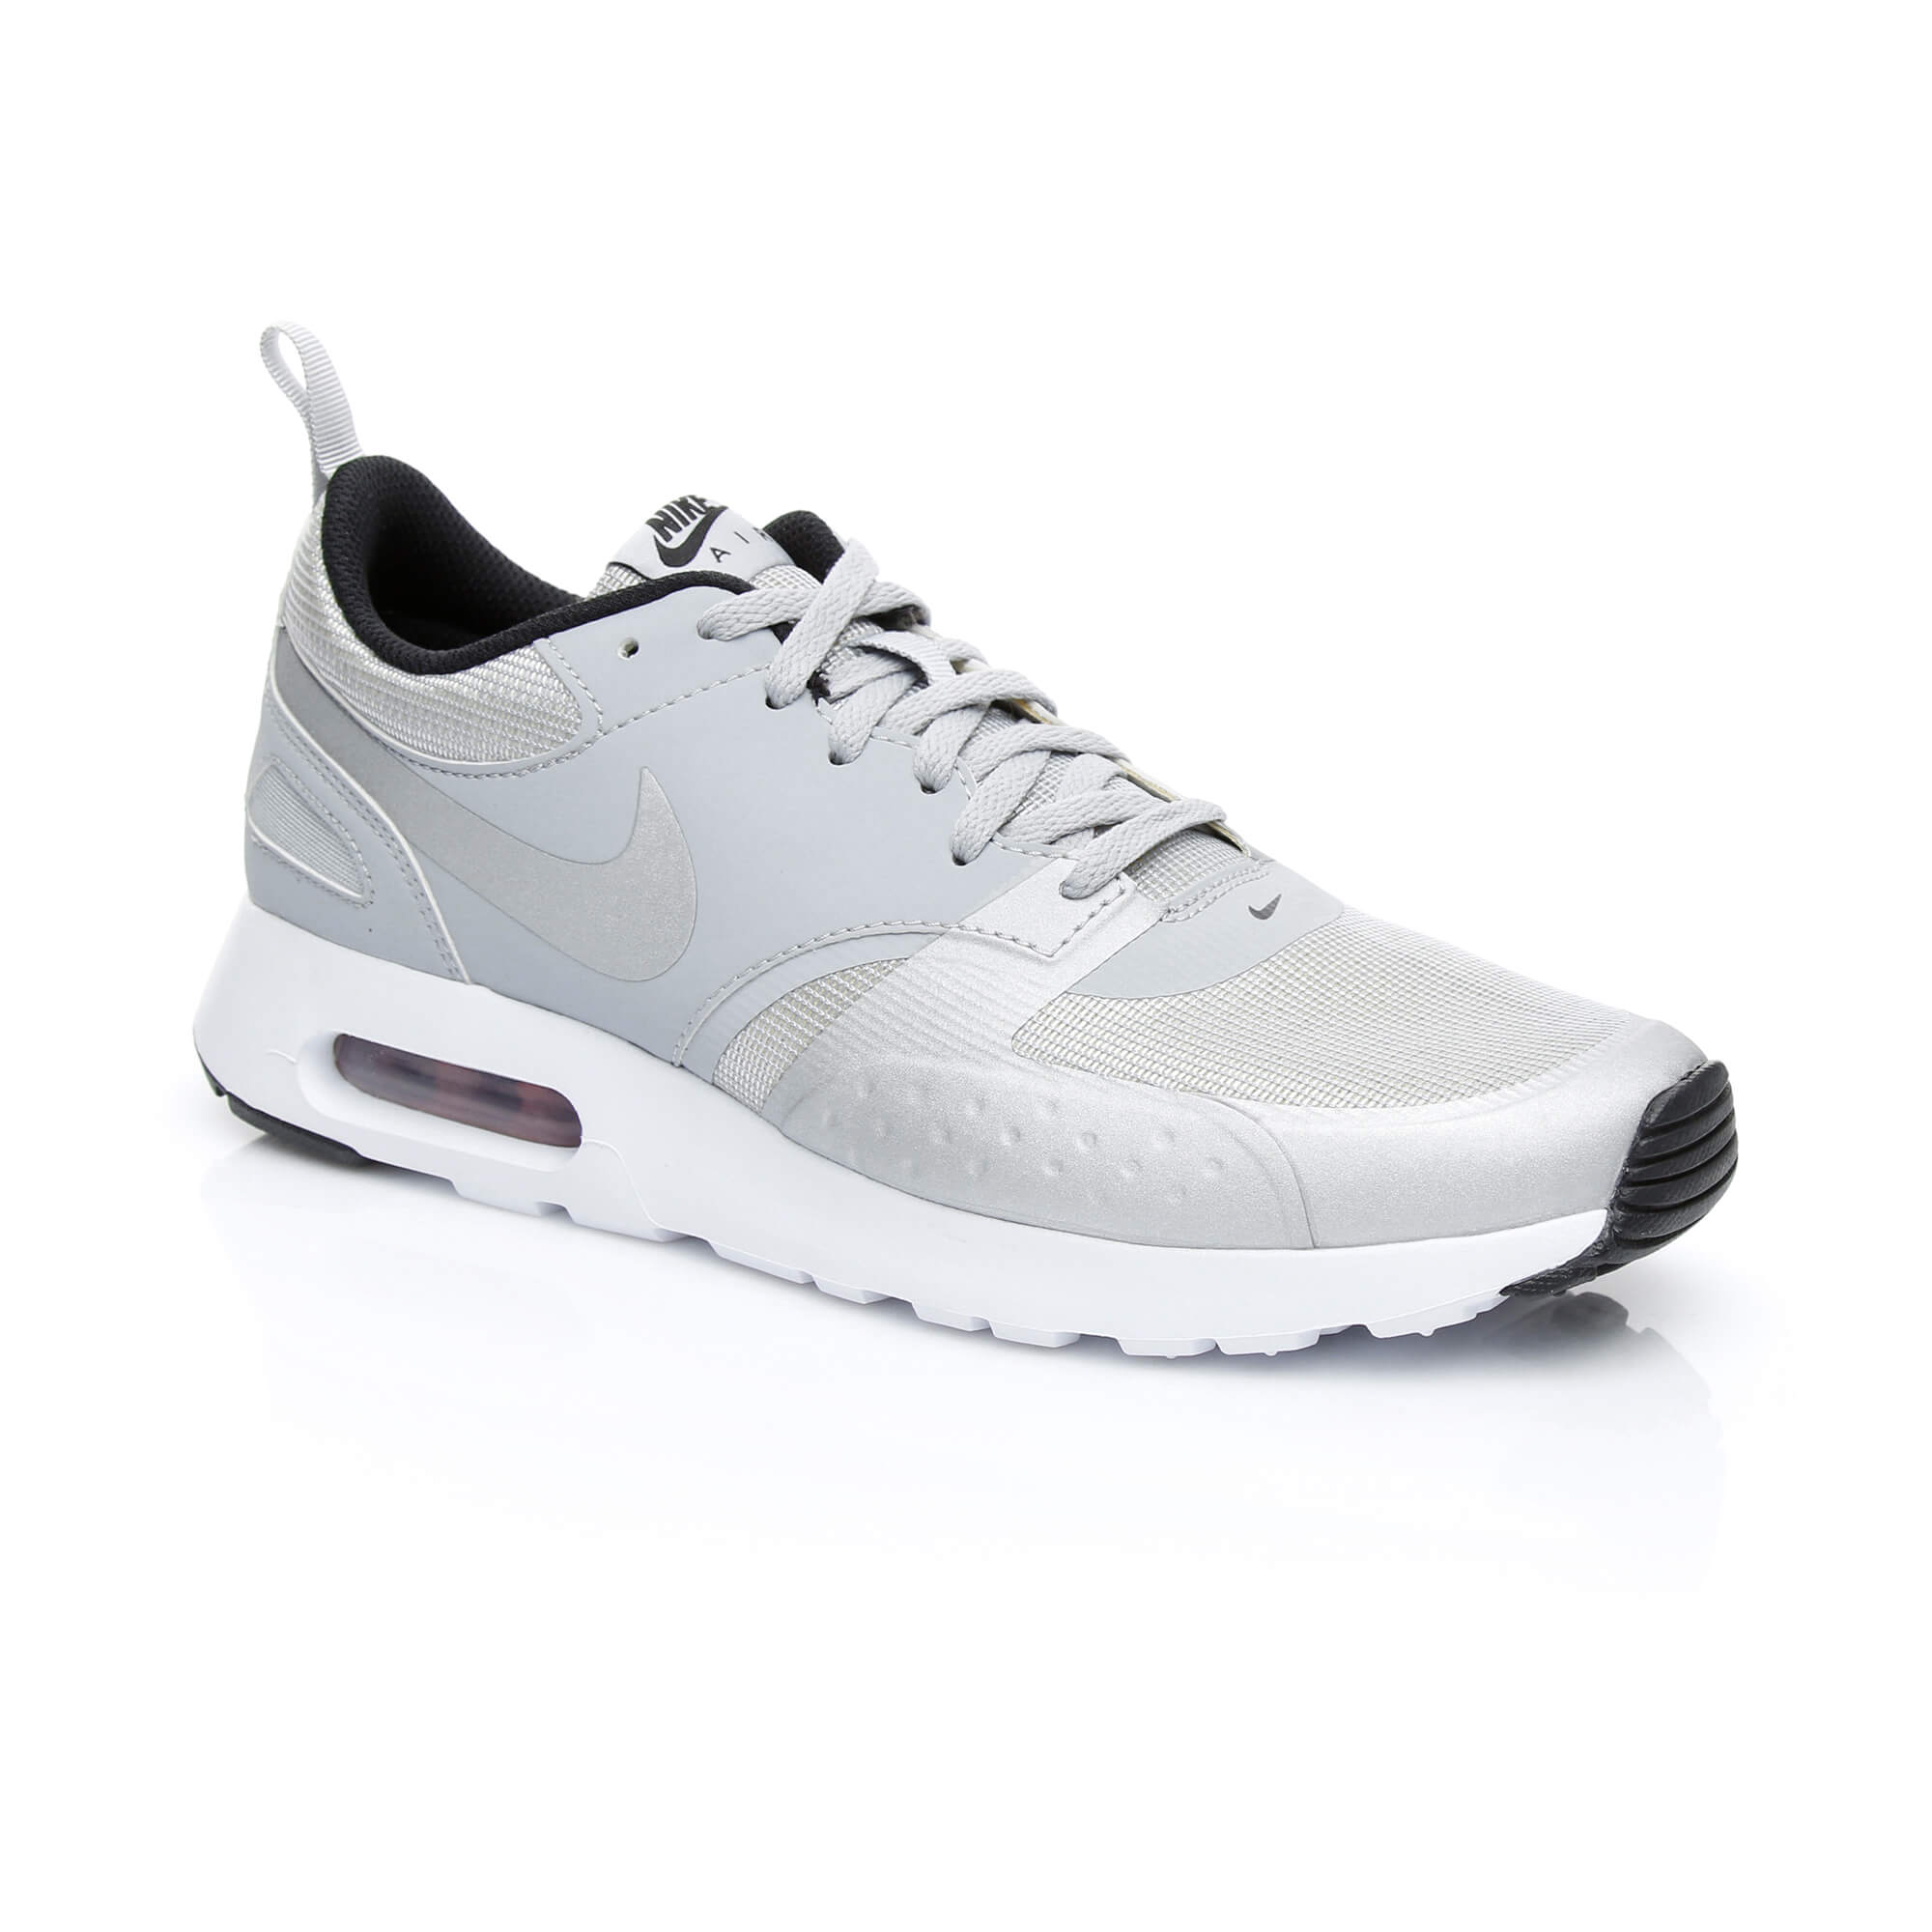 Nike Air Max Erkek Lacivert Spor Ayakkabı